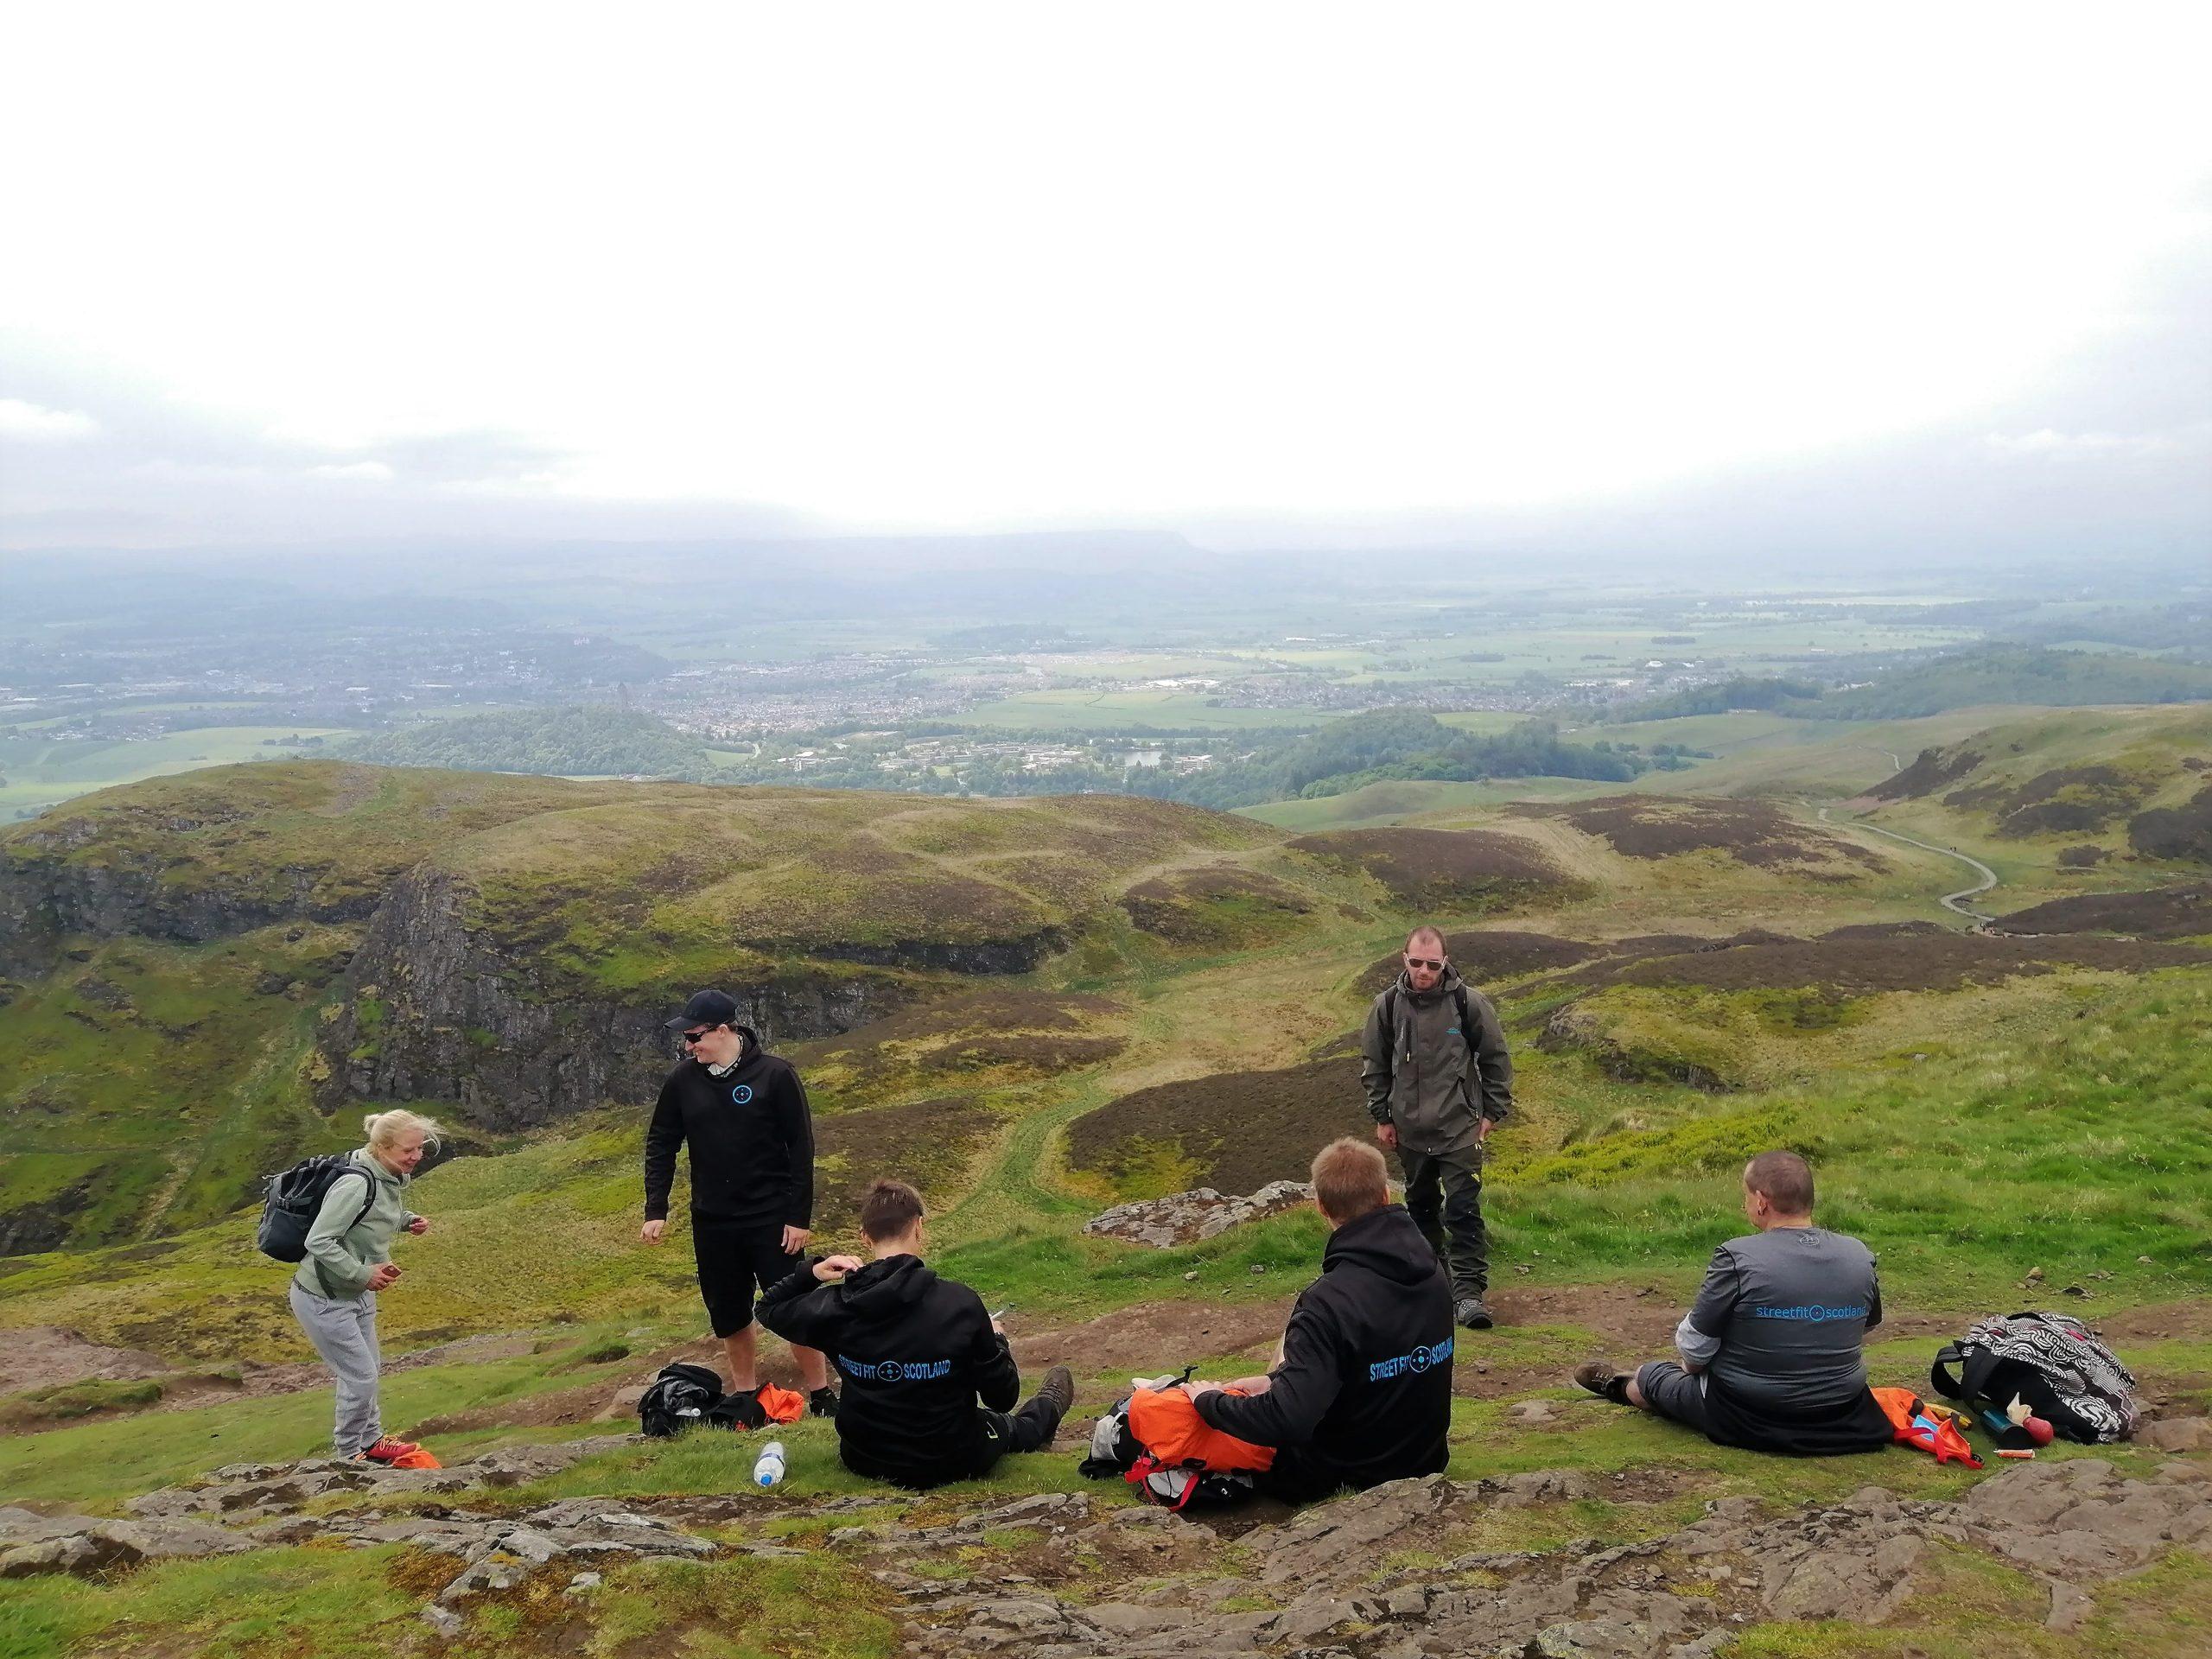 Group having lunch on hillside